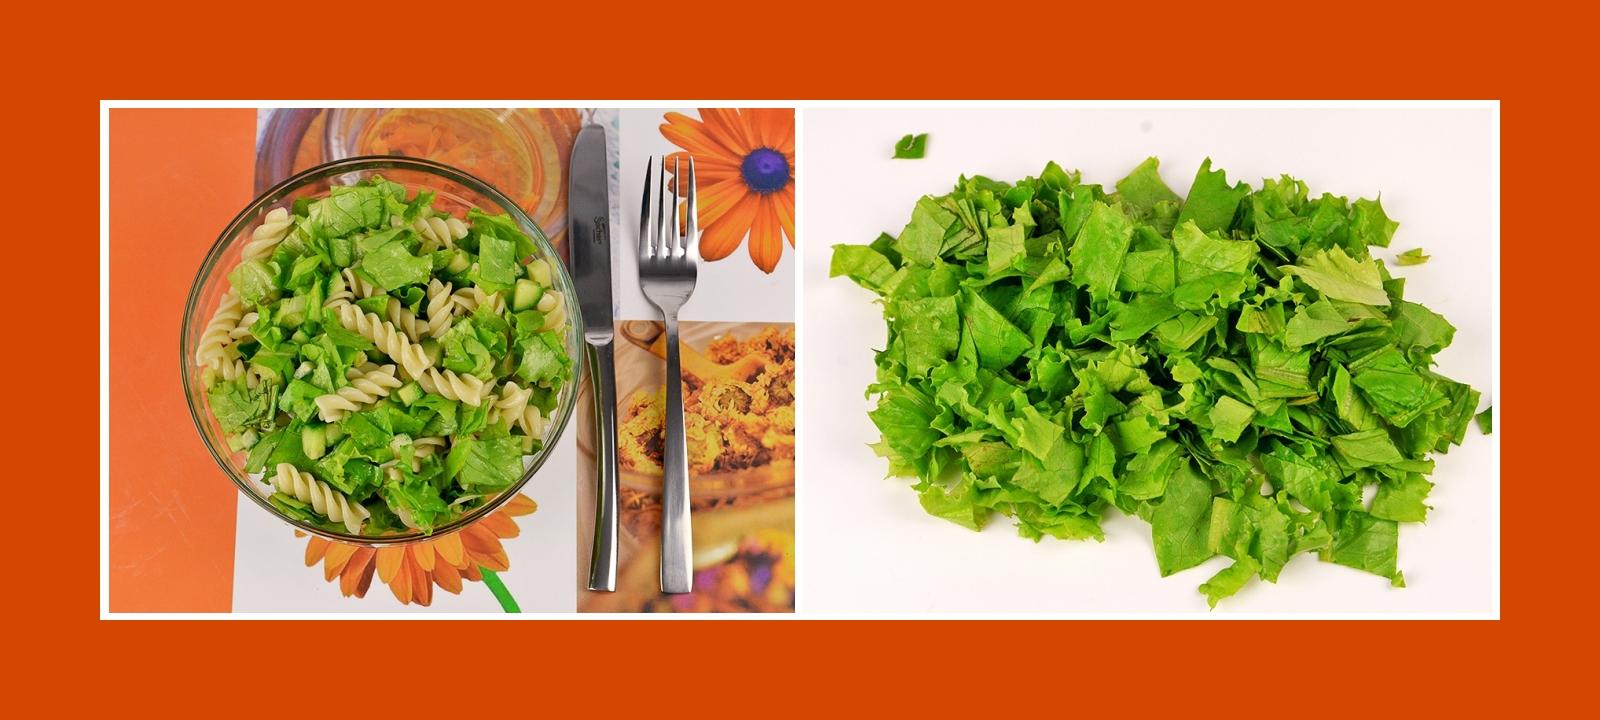 Salatblätter für erfrischende Gerichte